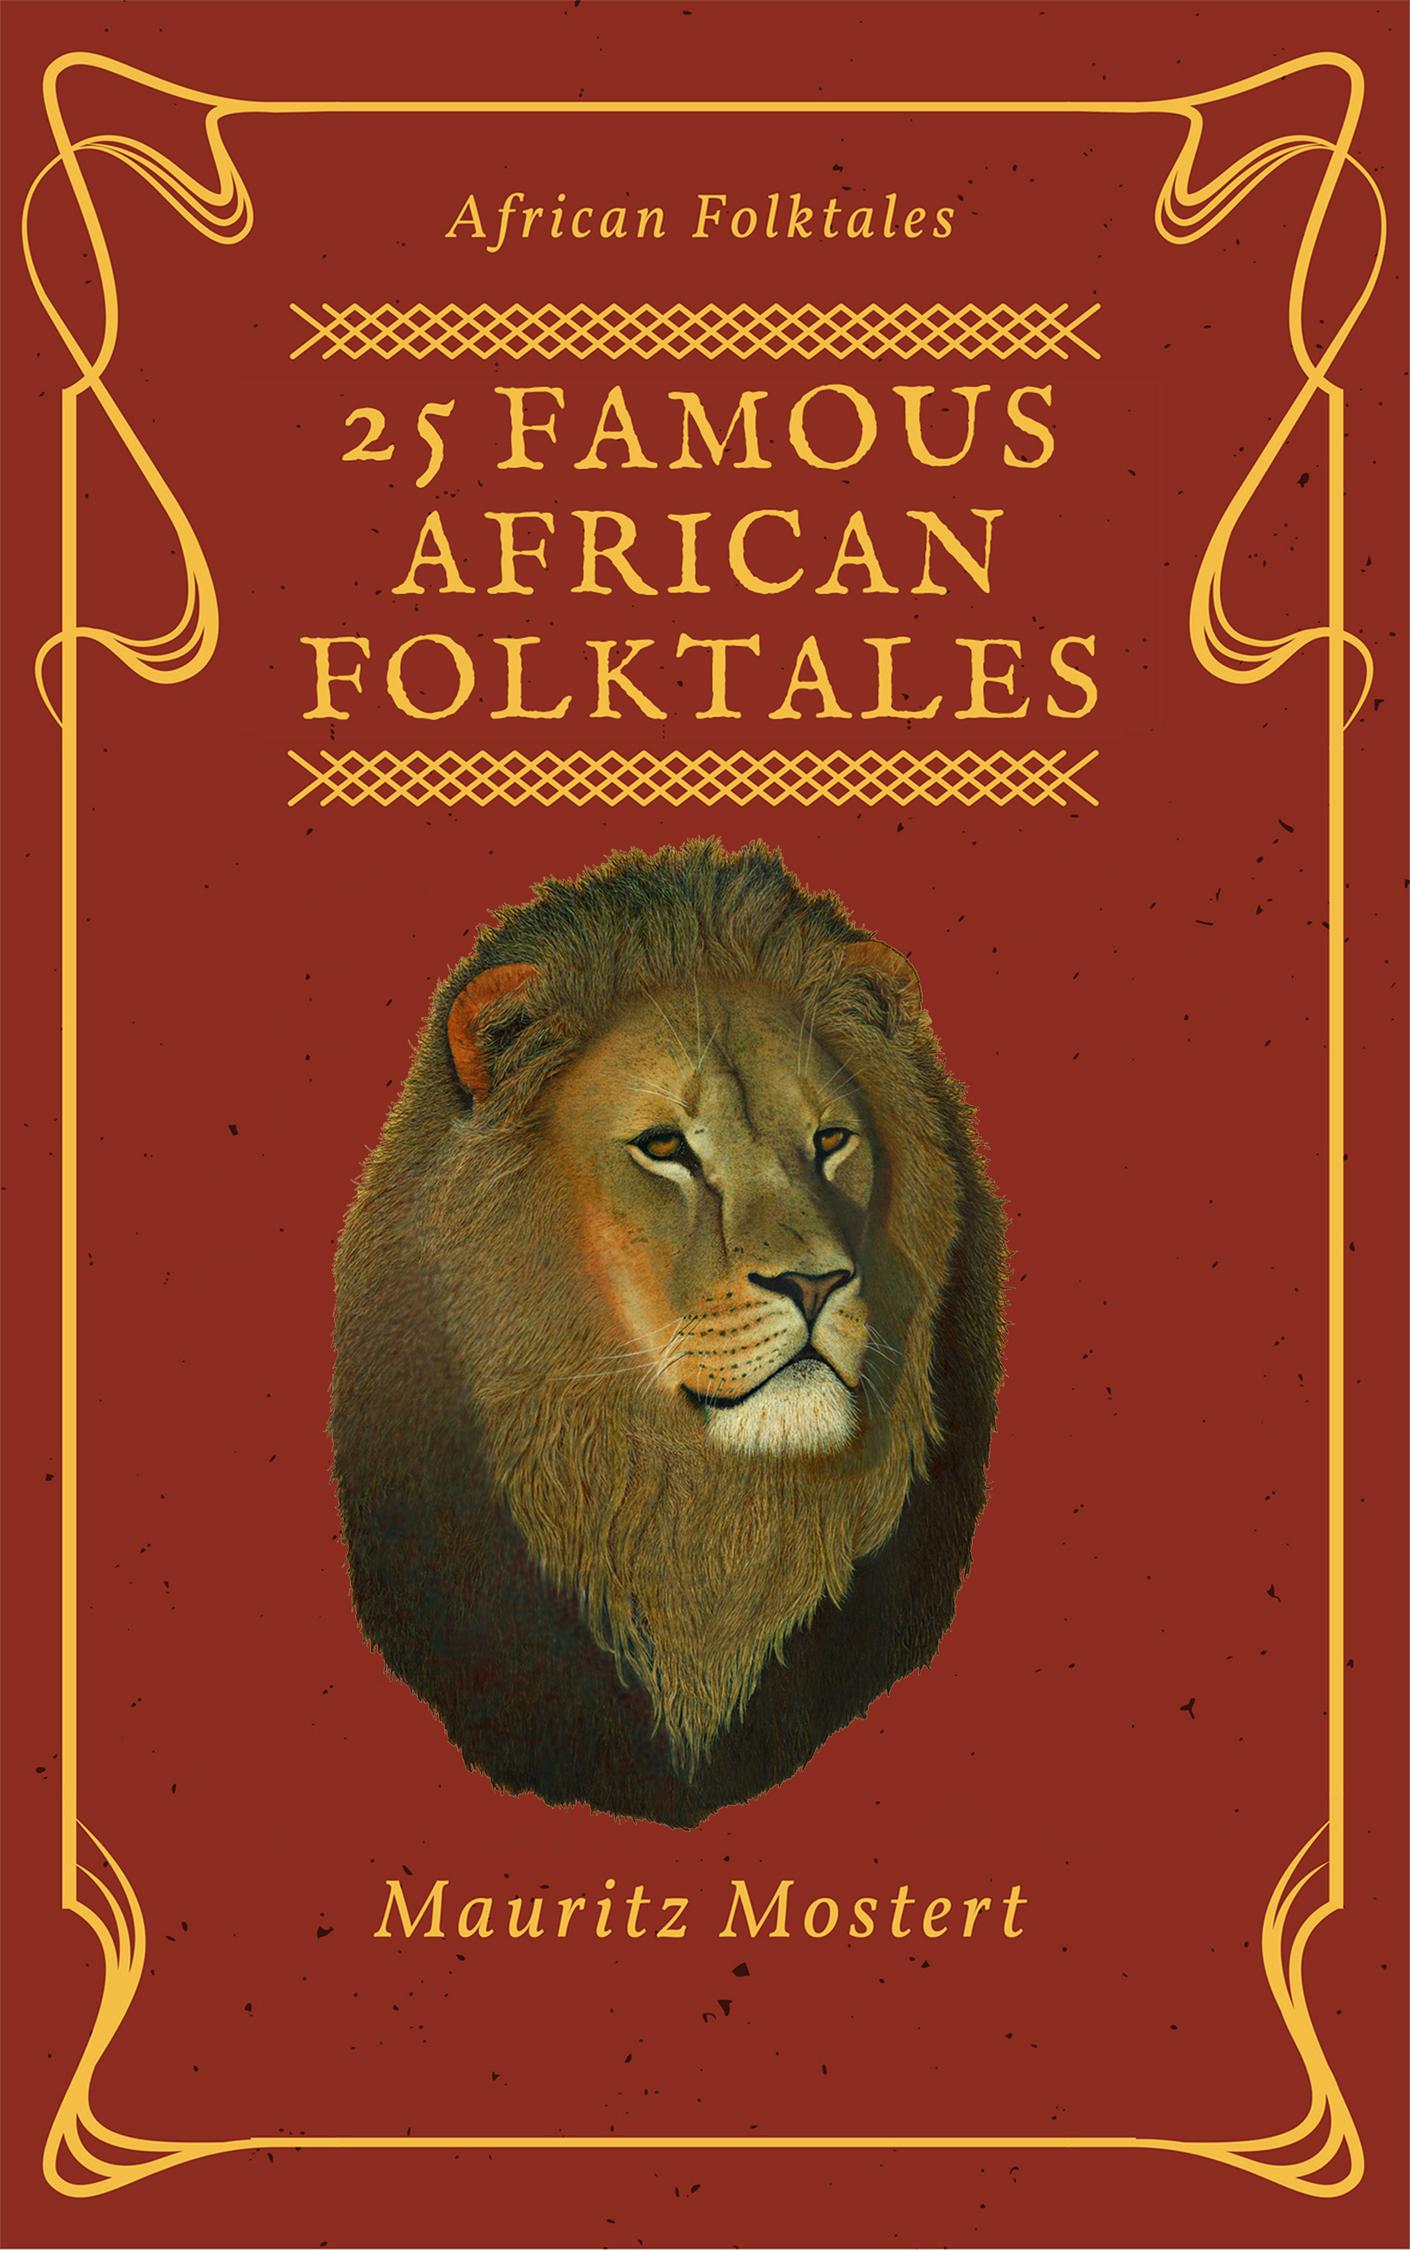 25-Famous-African-Folktales-Wildmoz